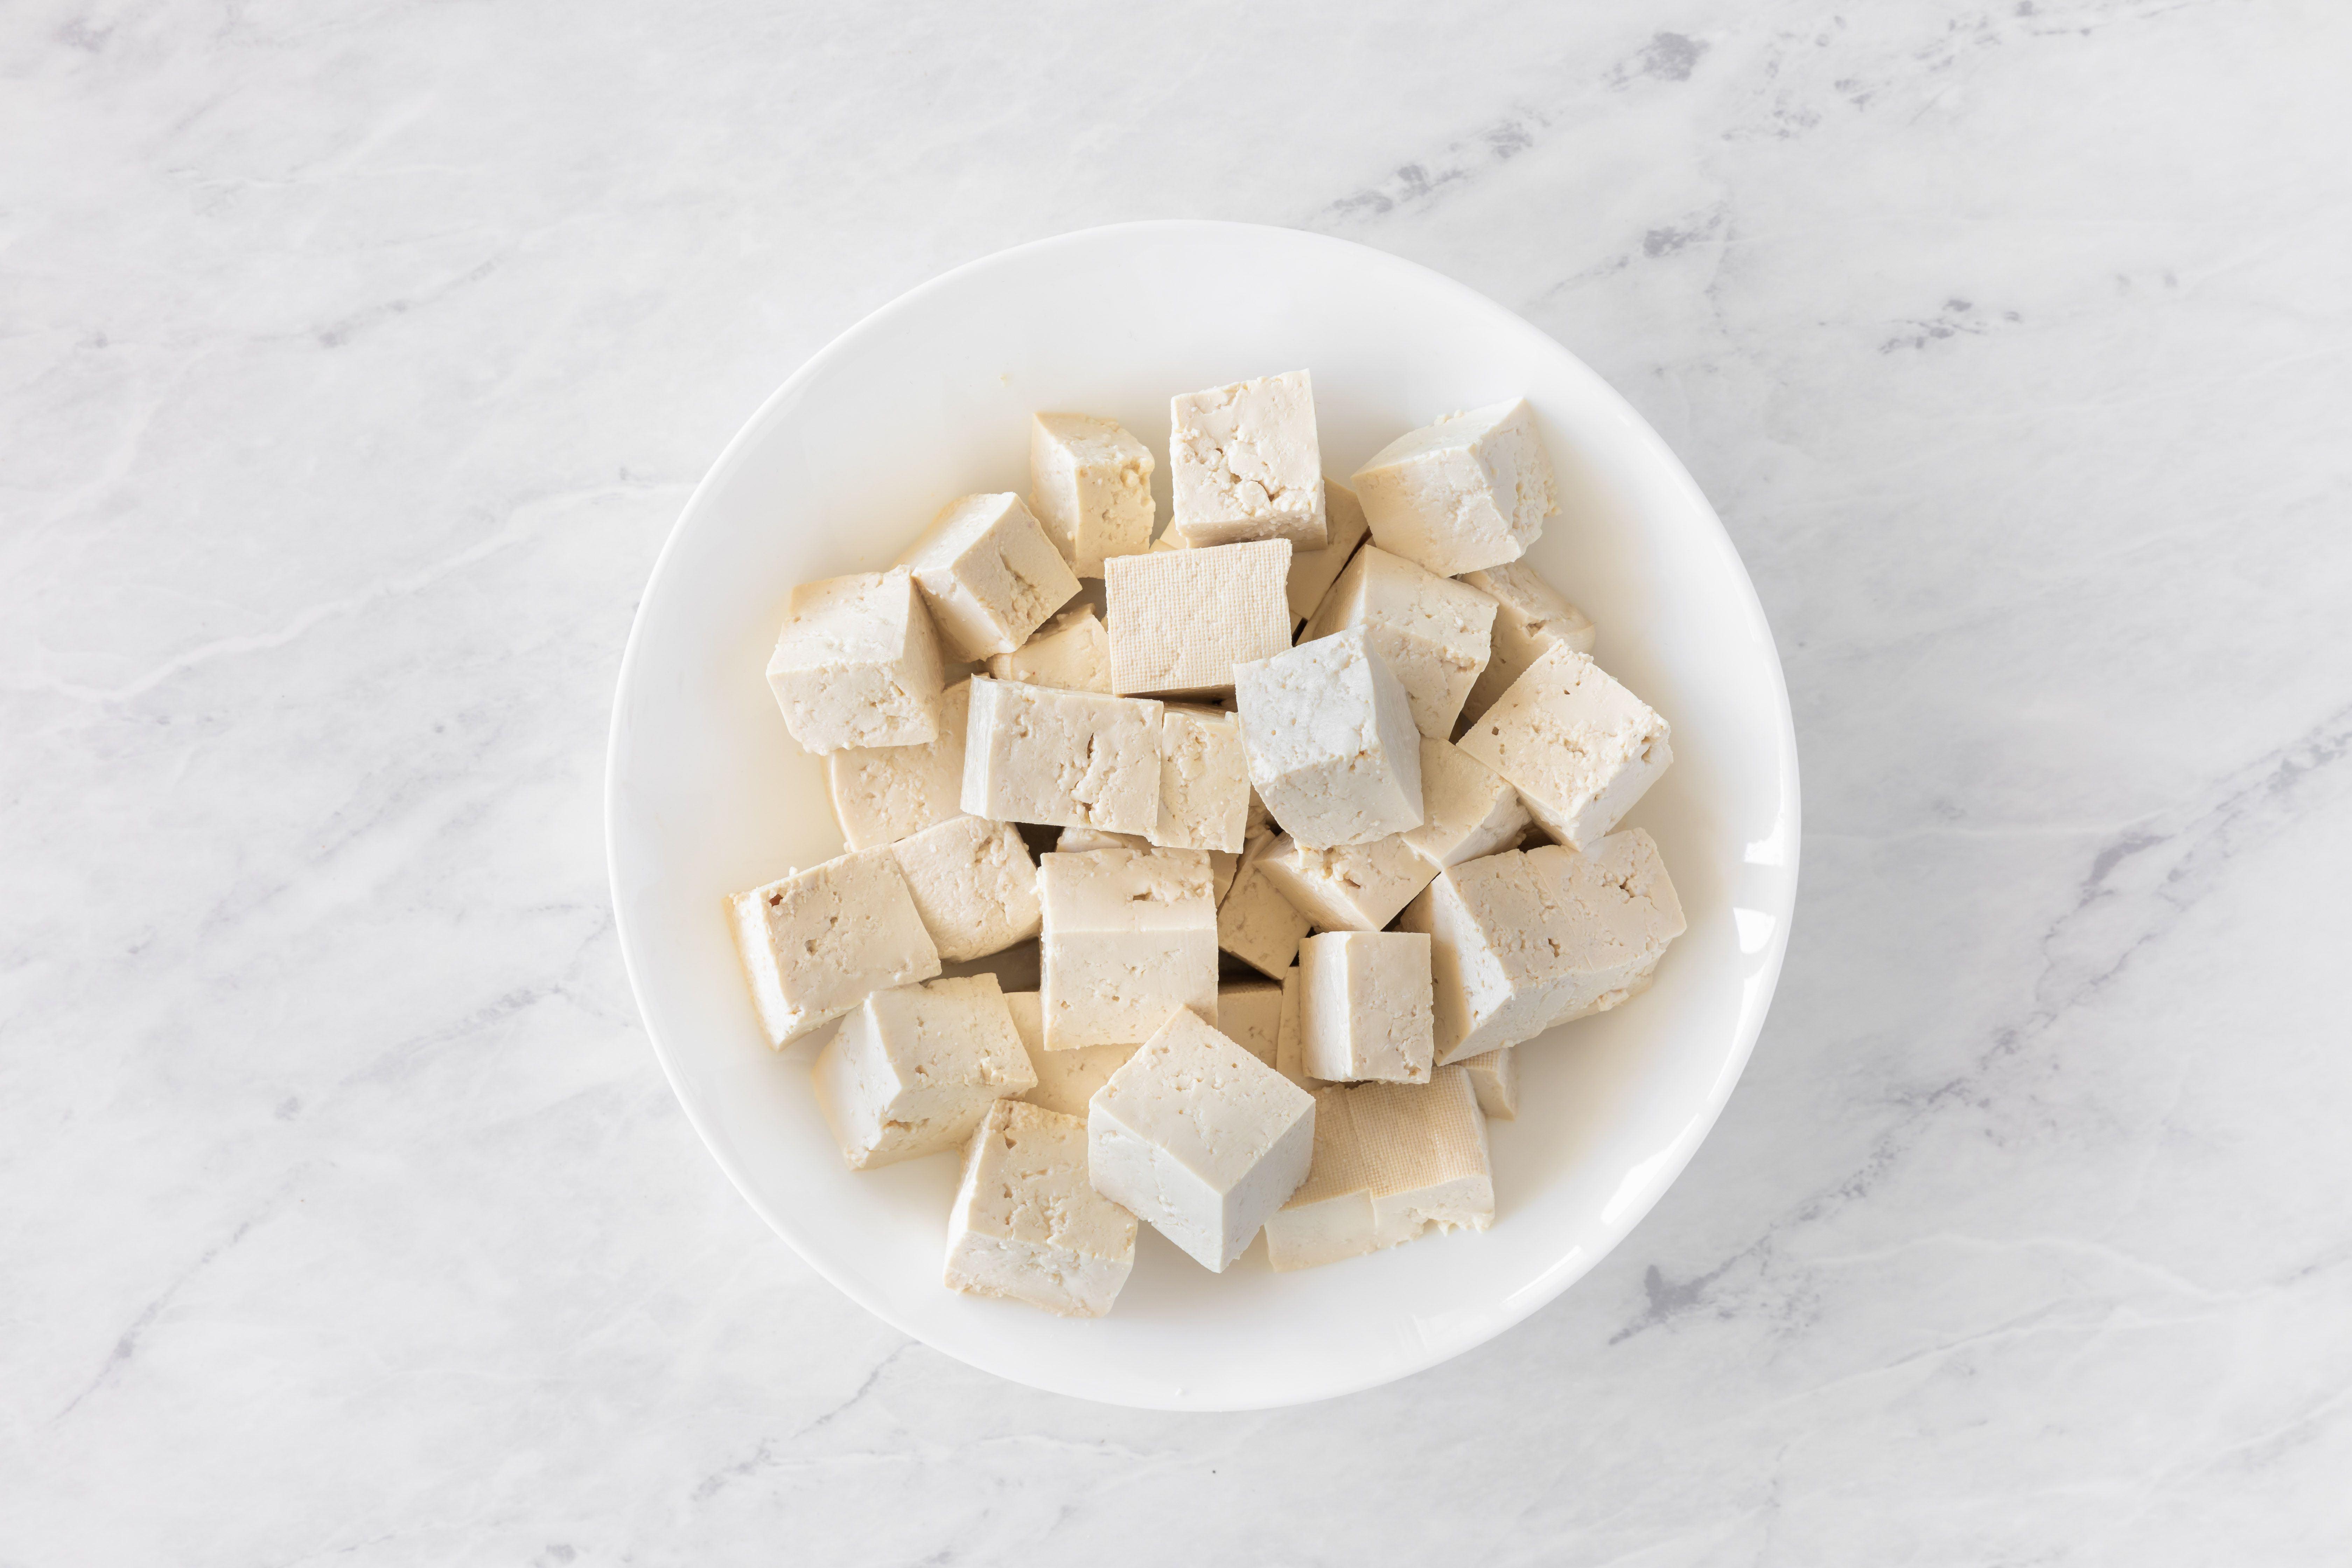 Cut the tofu